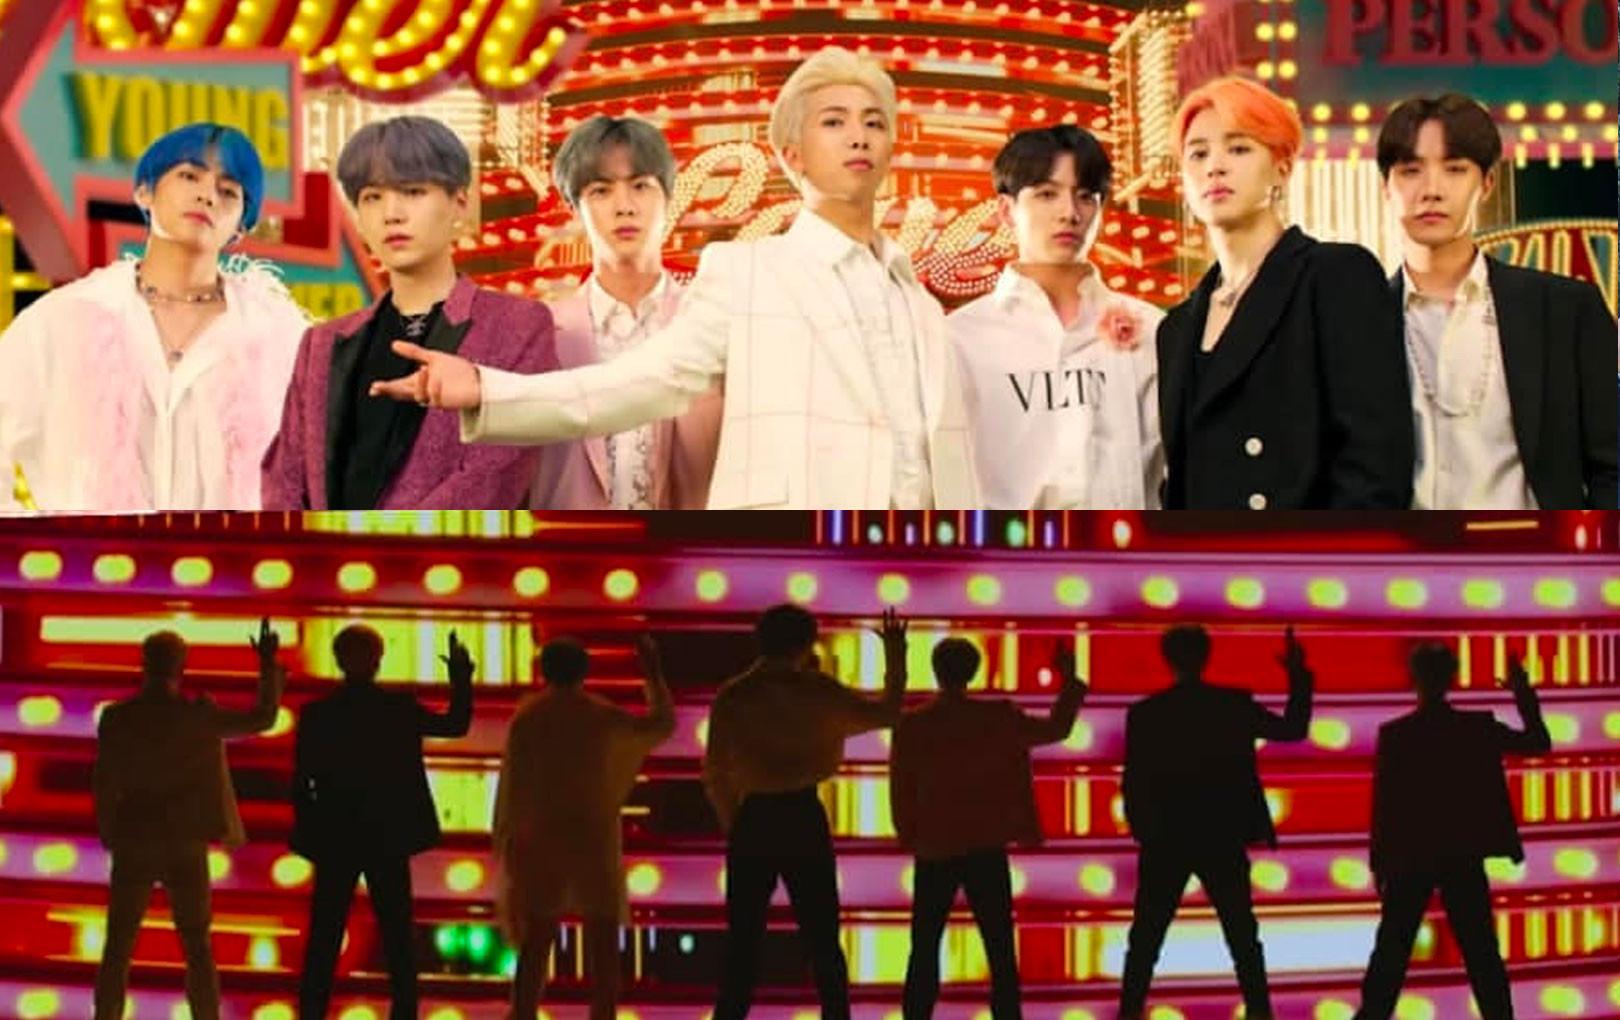 Vừa lấy lại kỉ lục từ tay BlackPink, BTS lại tiếp tục nhận thêm thành tích khủng All Kill tại Hàn